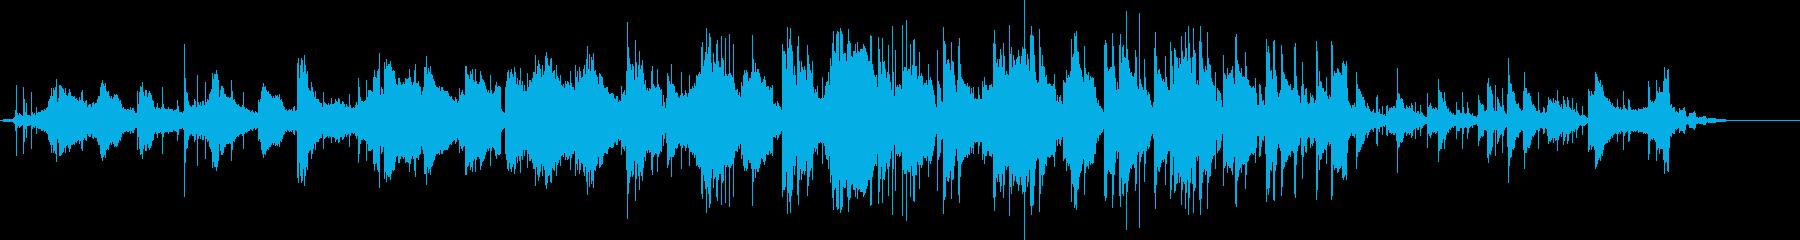 異国の風を感じるニュートラル曲GtVerの再生済みの波形